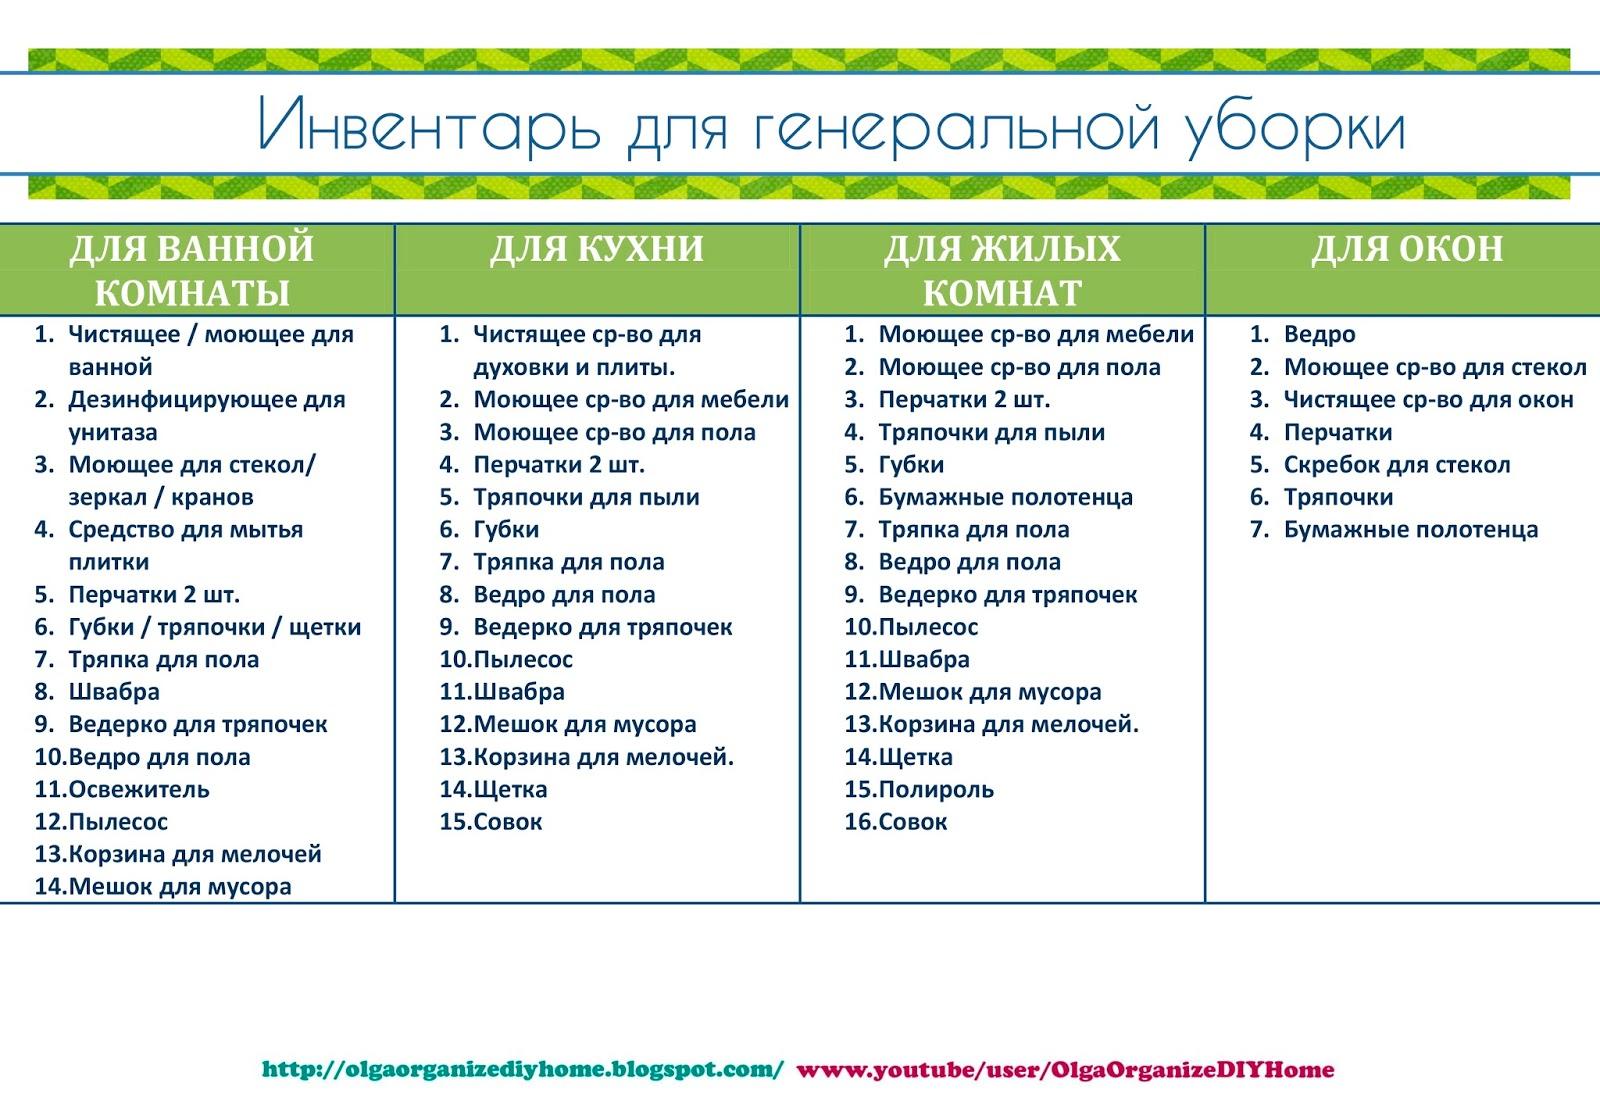 график генеральной уборки: